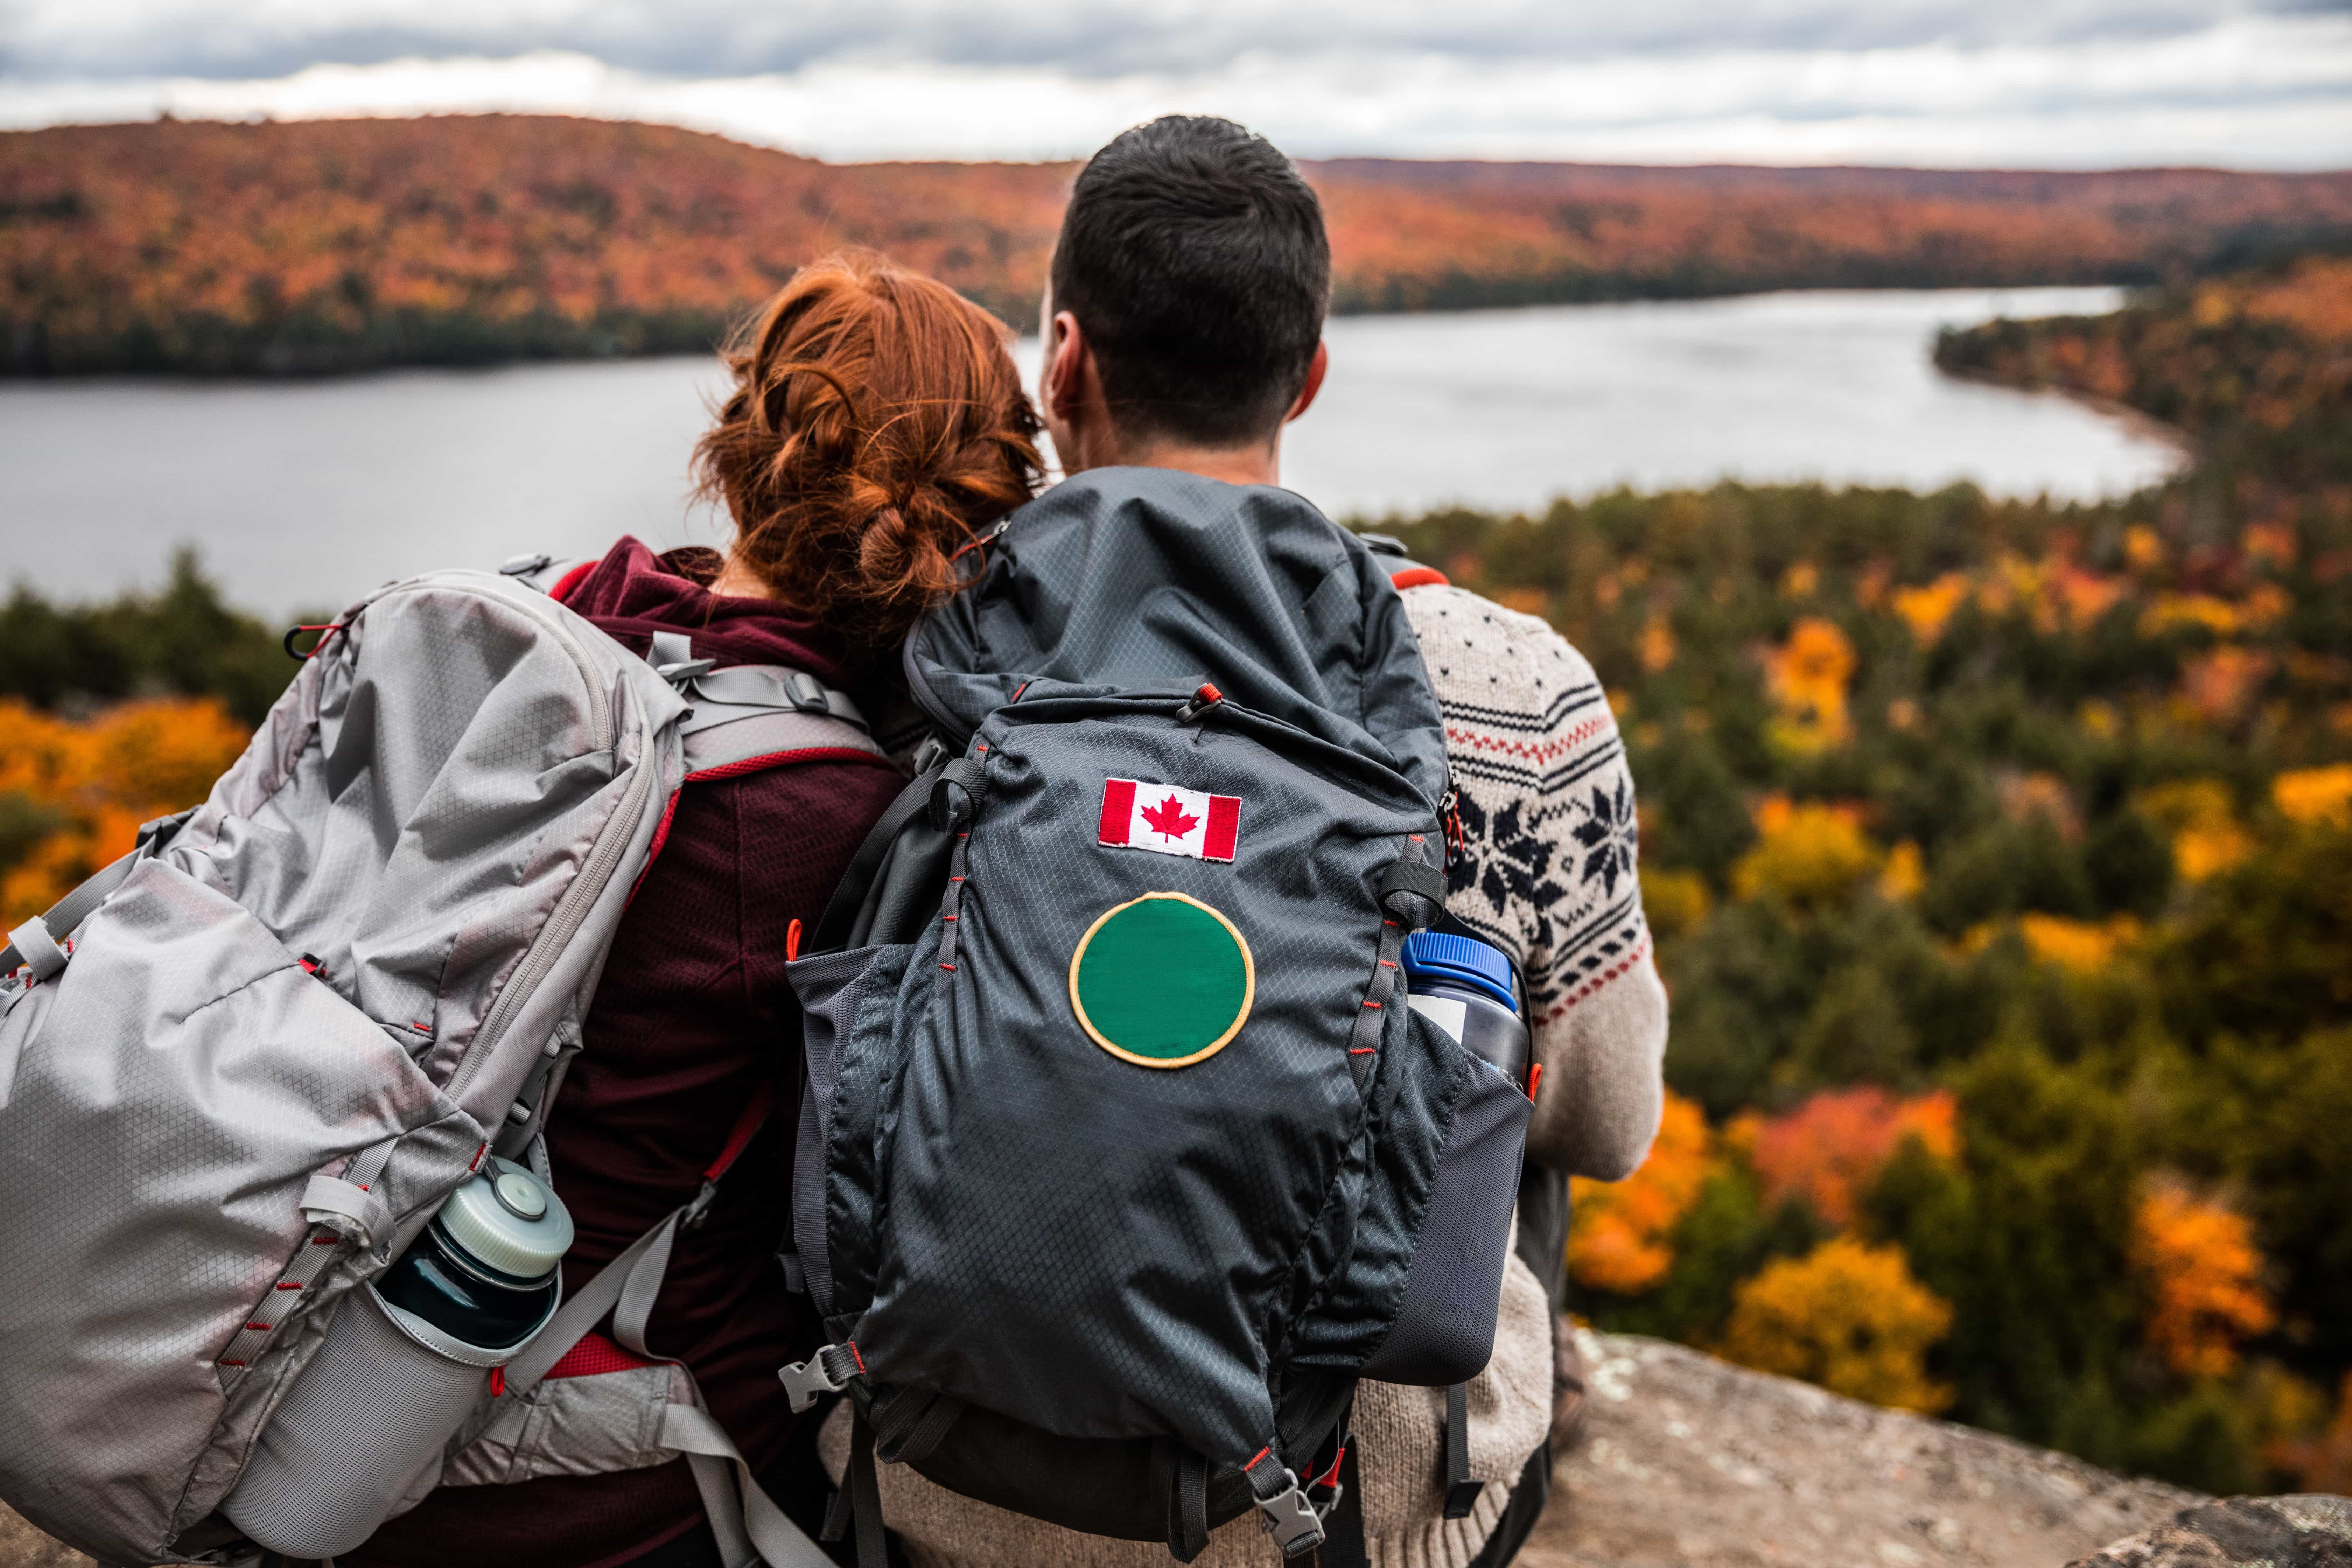 Férias 2019: Os melhores destinos para conhecer no próximo ano